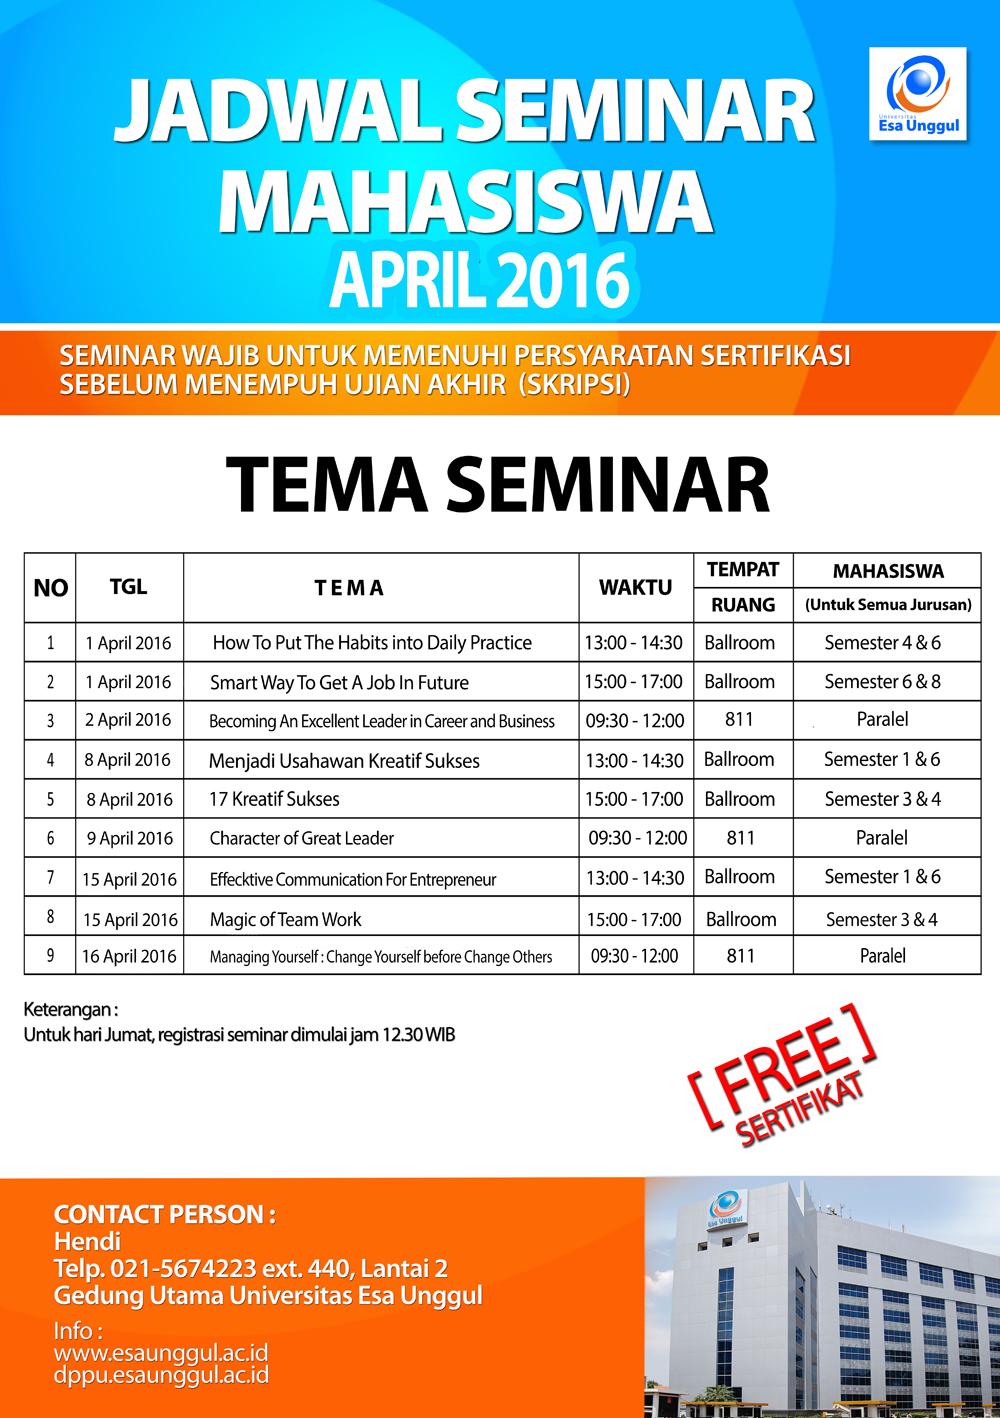 Jadwal Seminar Mahasiswa Universitas Esa Unggul, April 2016